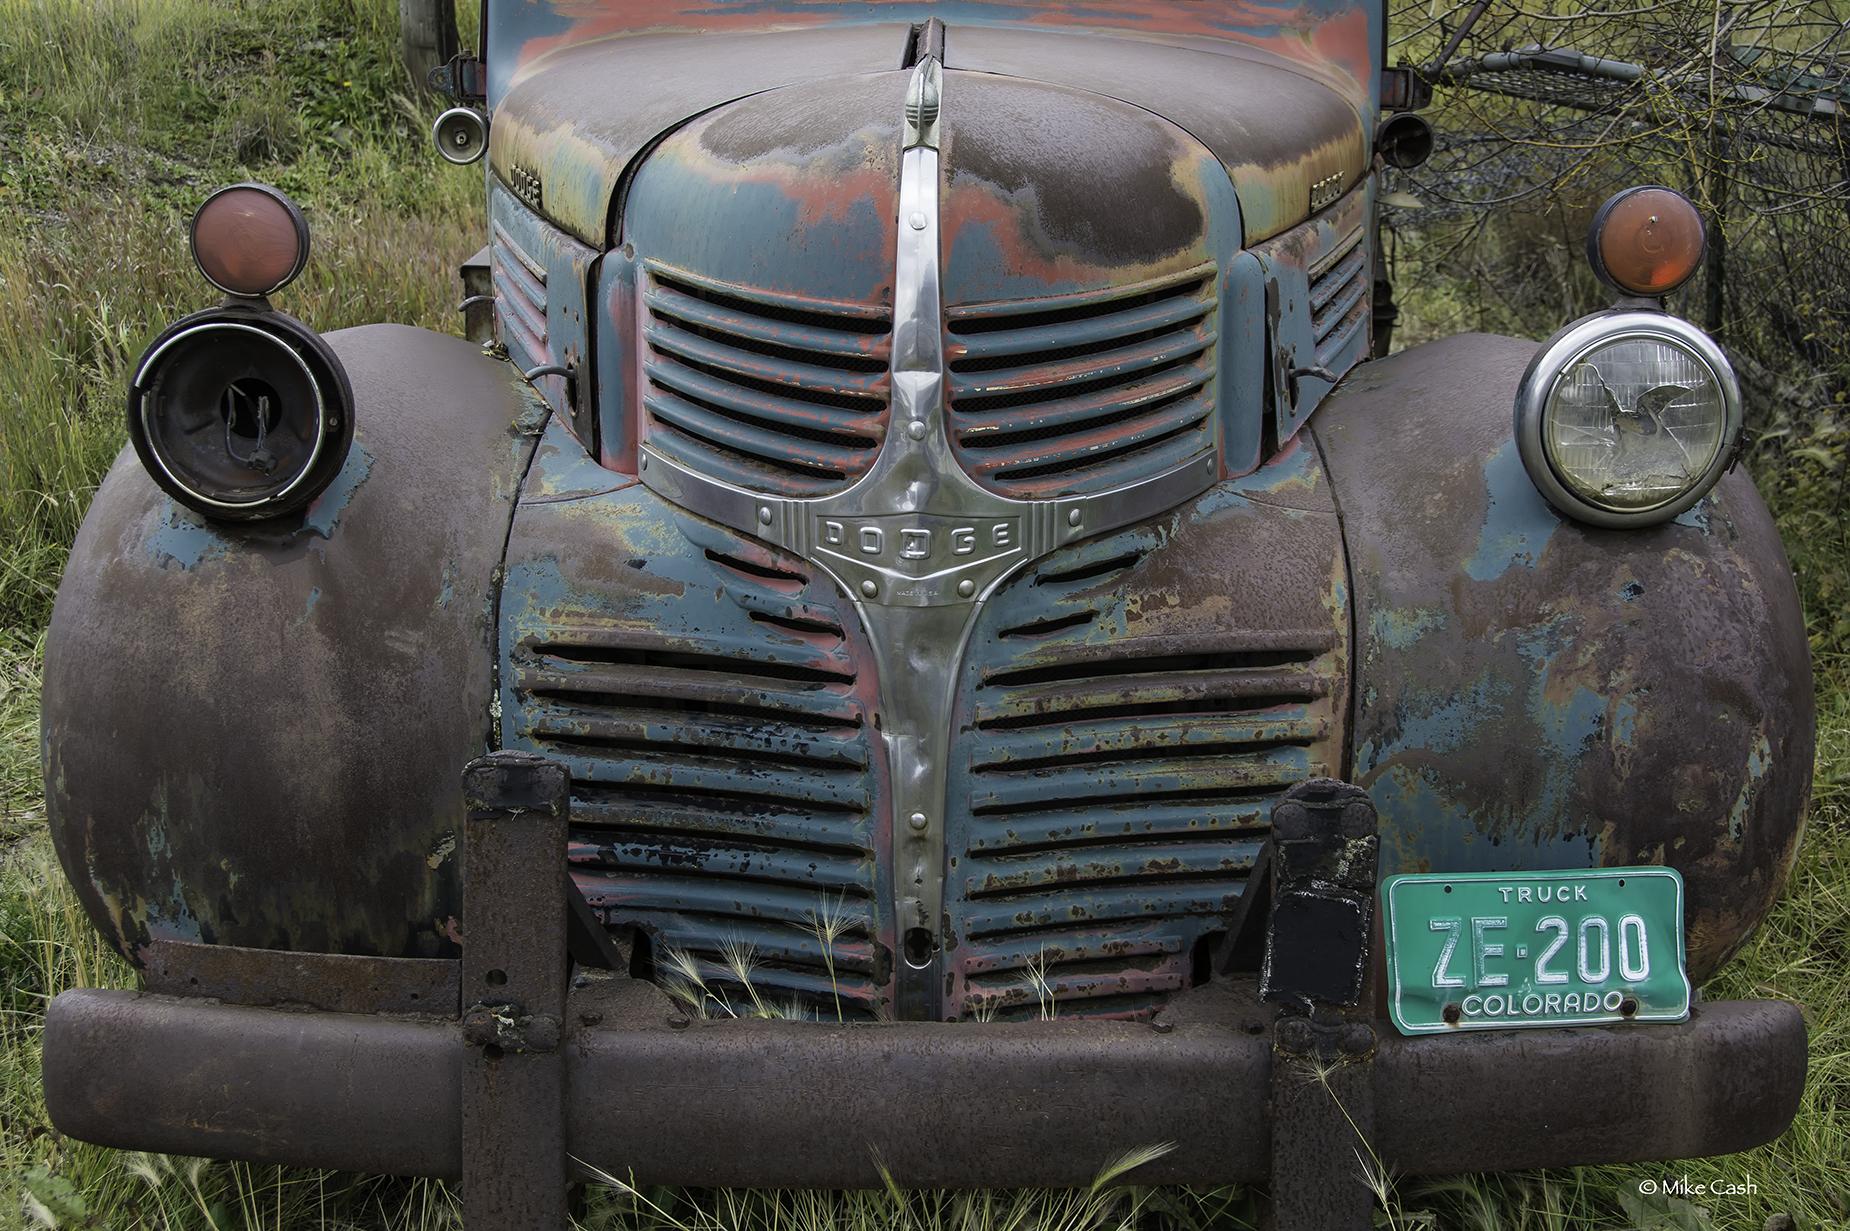 One-eyed Dodge